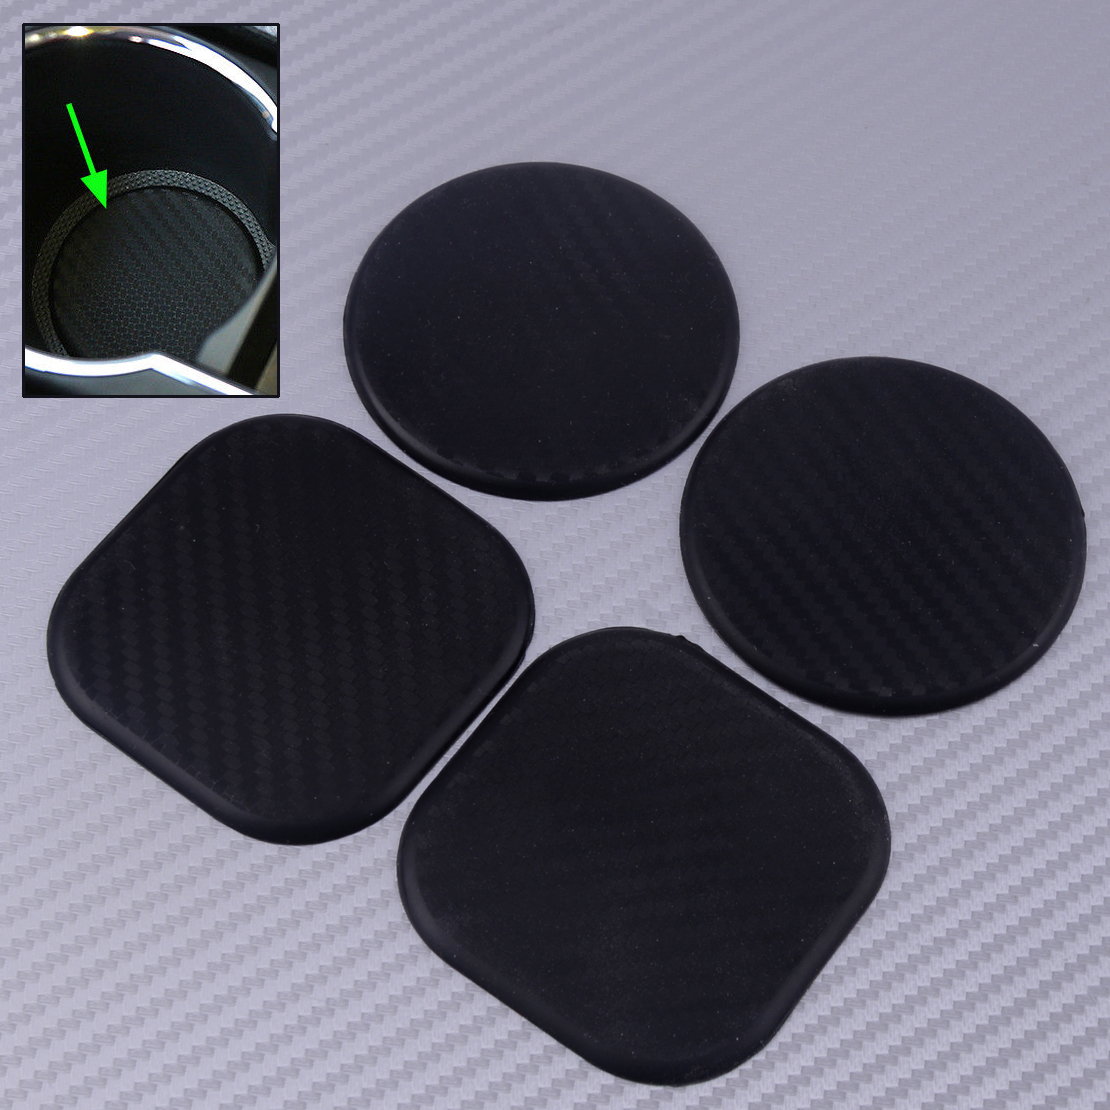 DWCX 2Pcs Black Non-Slip Water Cup Slot Mat Carbon Fiber Texture Car Vehicle Silicone Accrssories